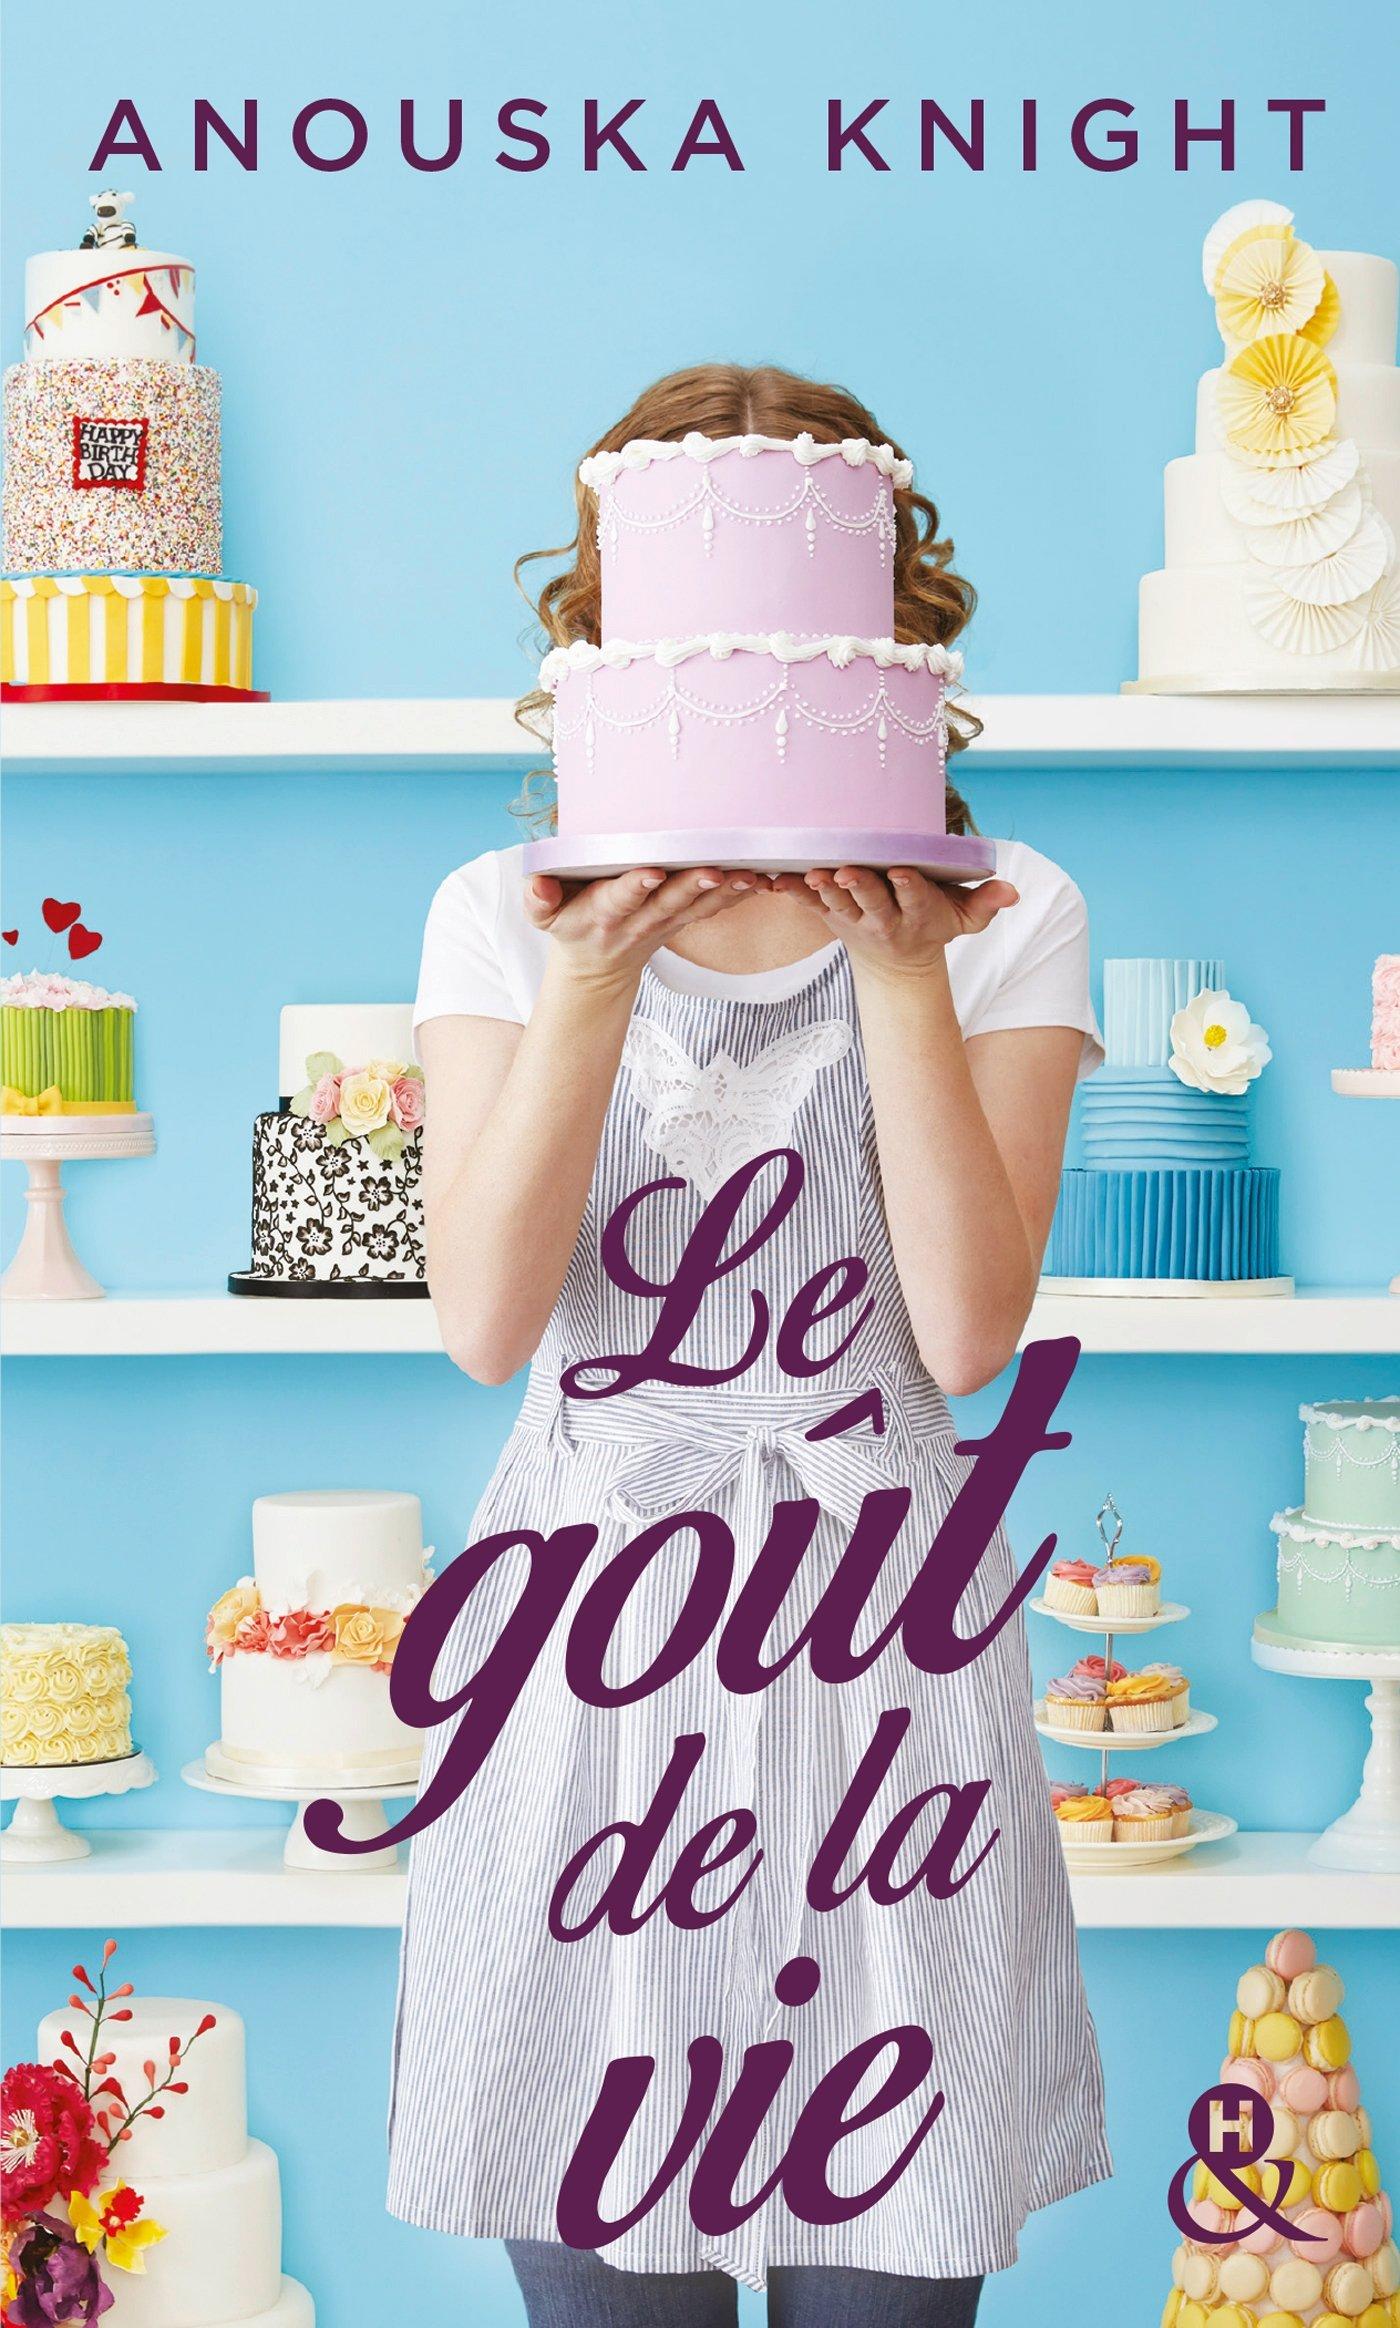 Le goût de la vie Poche – 1 juin 2016 Anouska Knight Editions Harlequin 2280360985 Comédie sentimentale